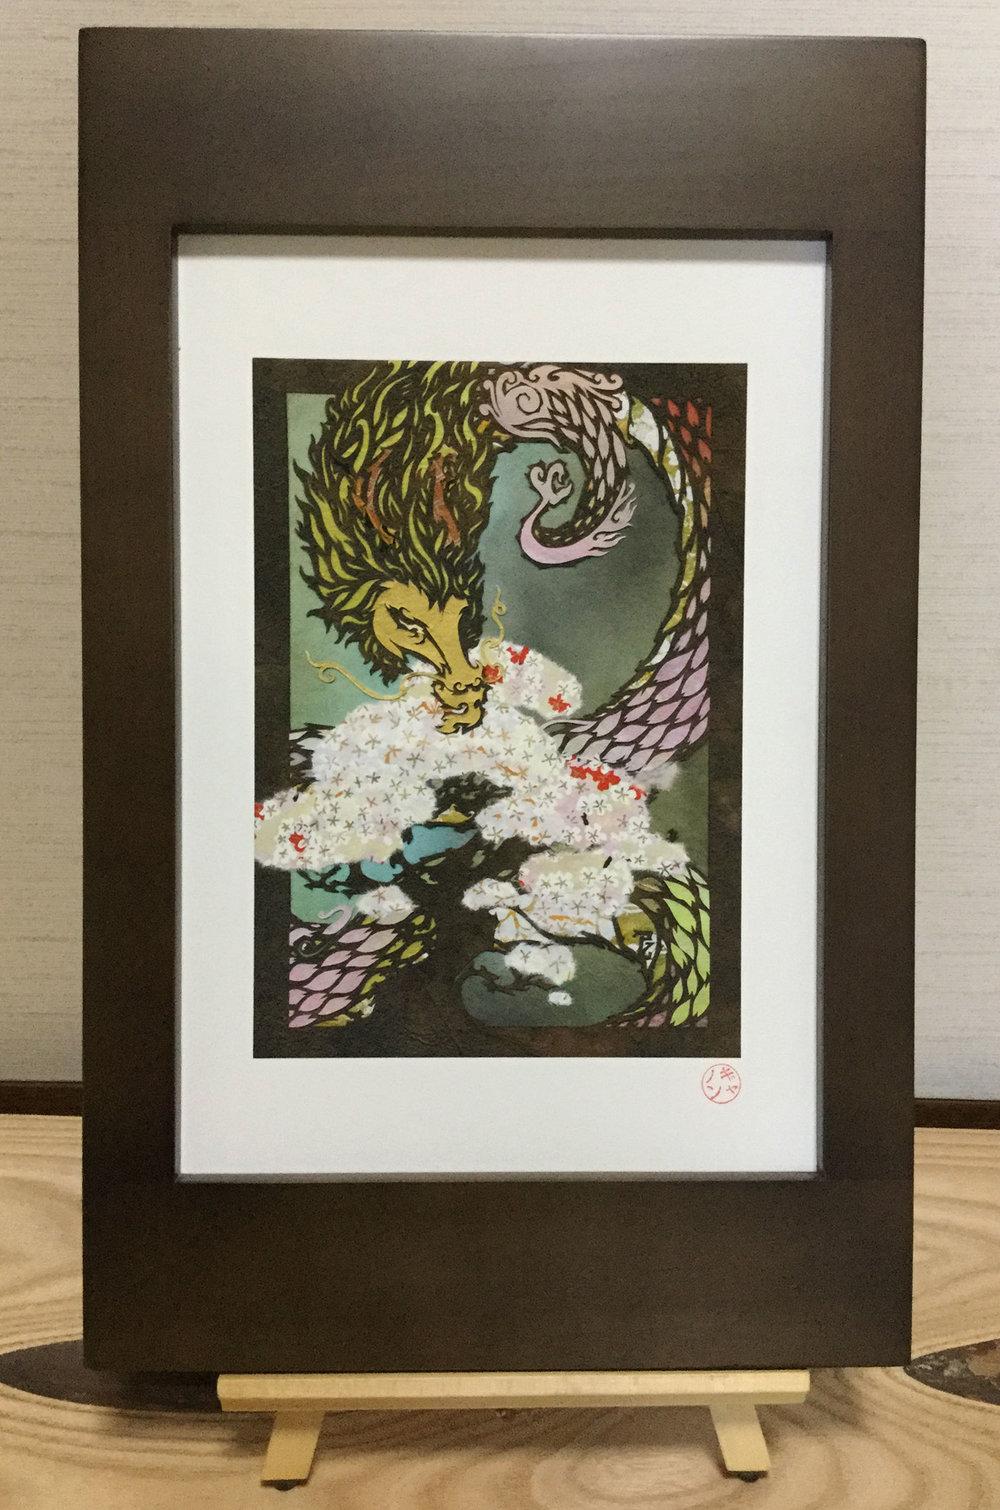 Sakura Blossom Season - open edition giclée print